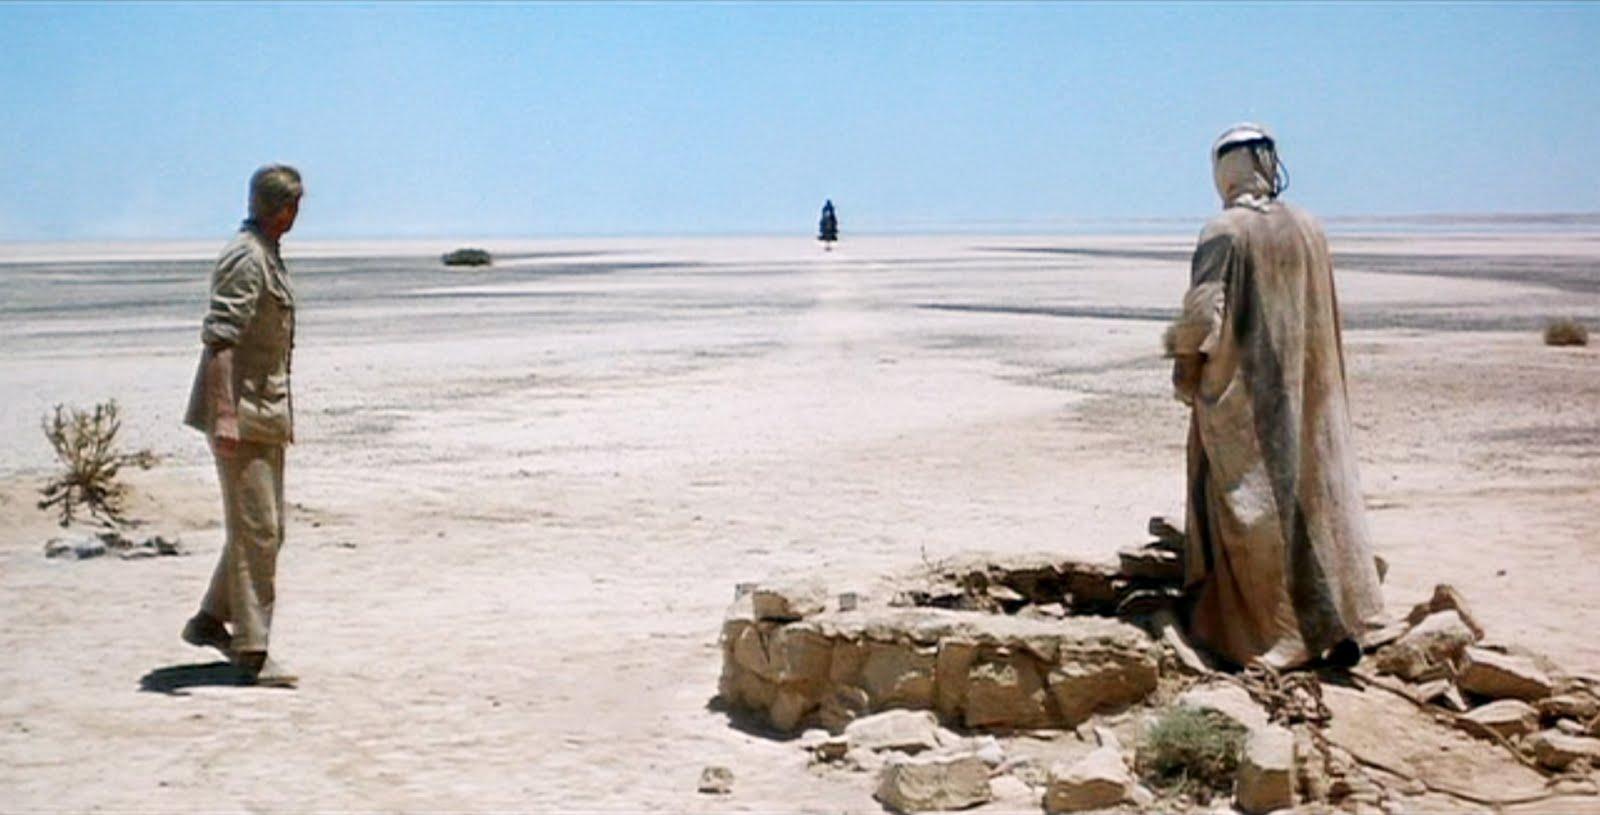 İçinde Bir Tutam Arkeoloji Barındıran 7 Film